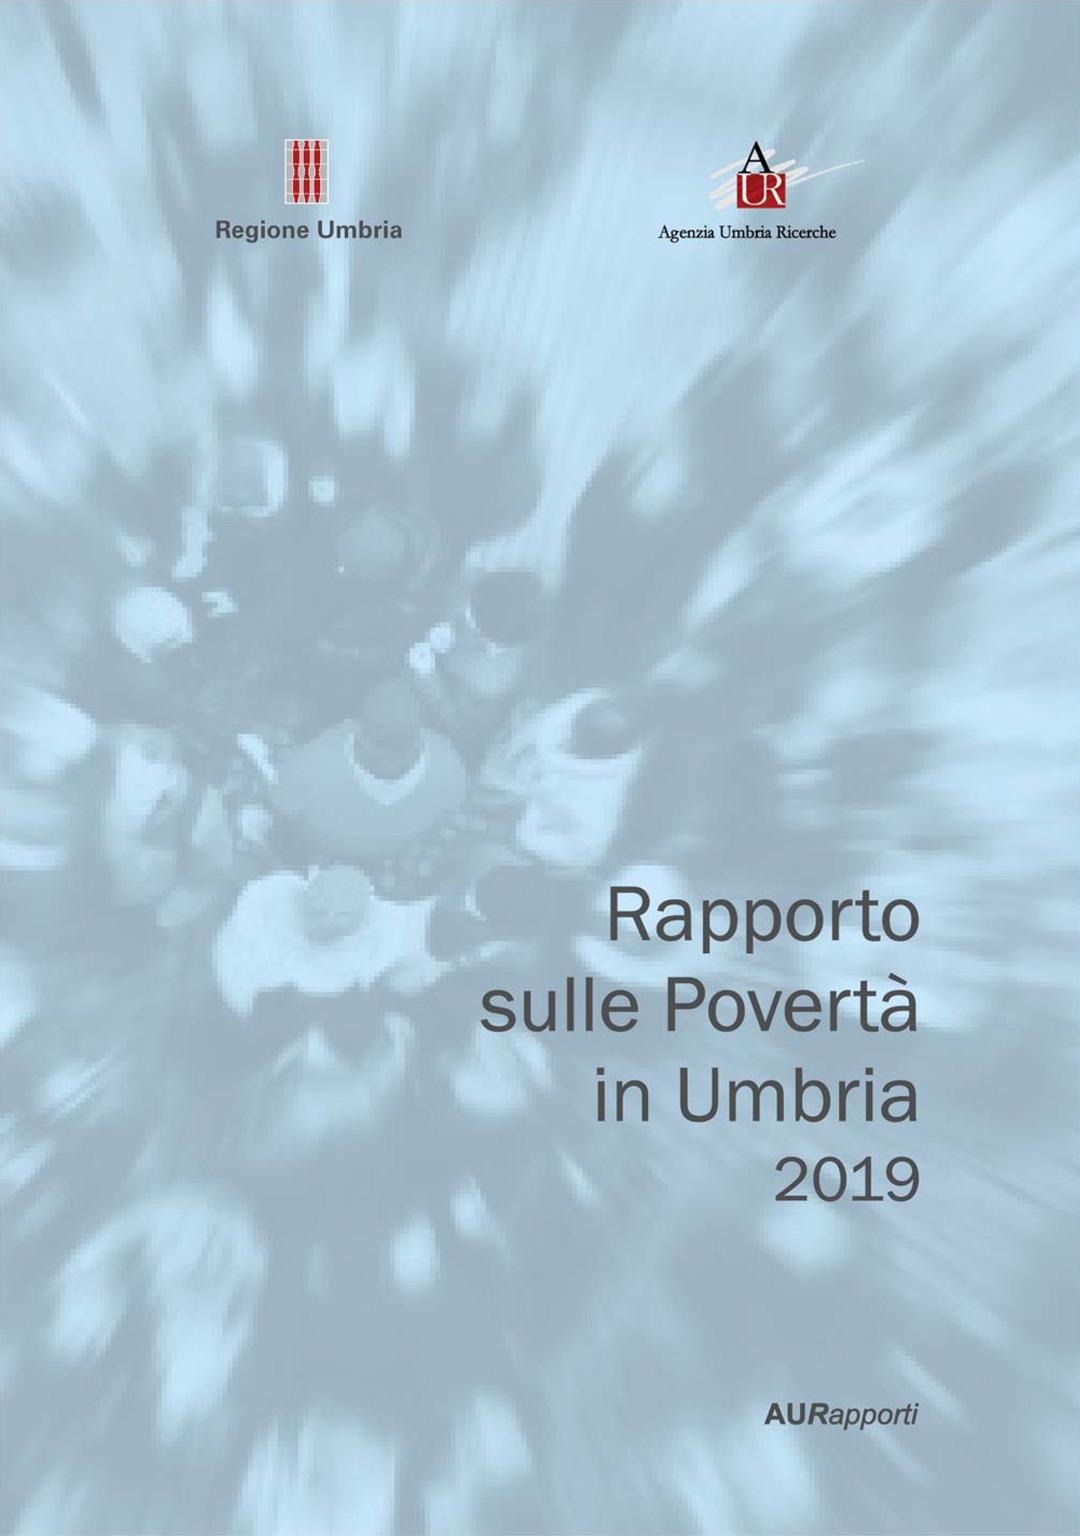 copertina rapporto